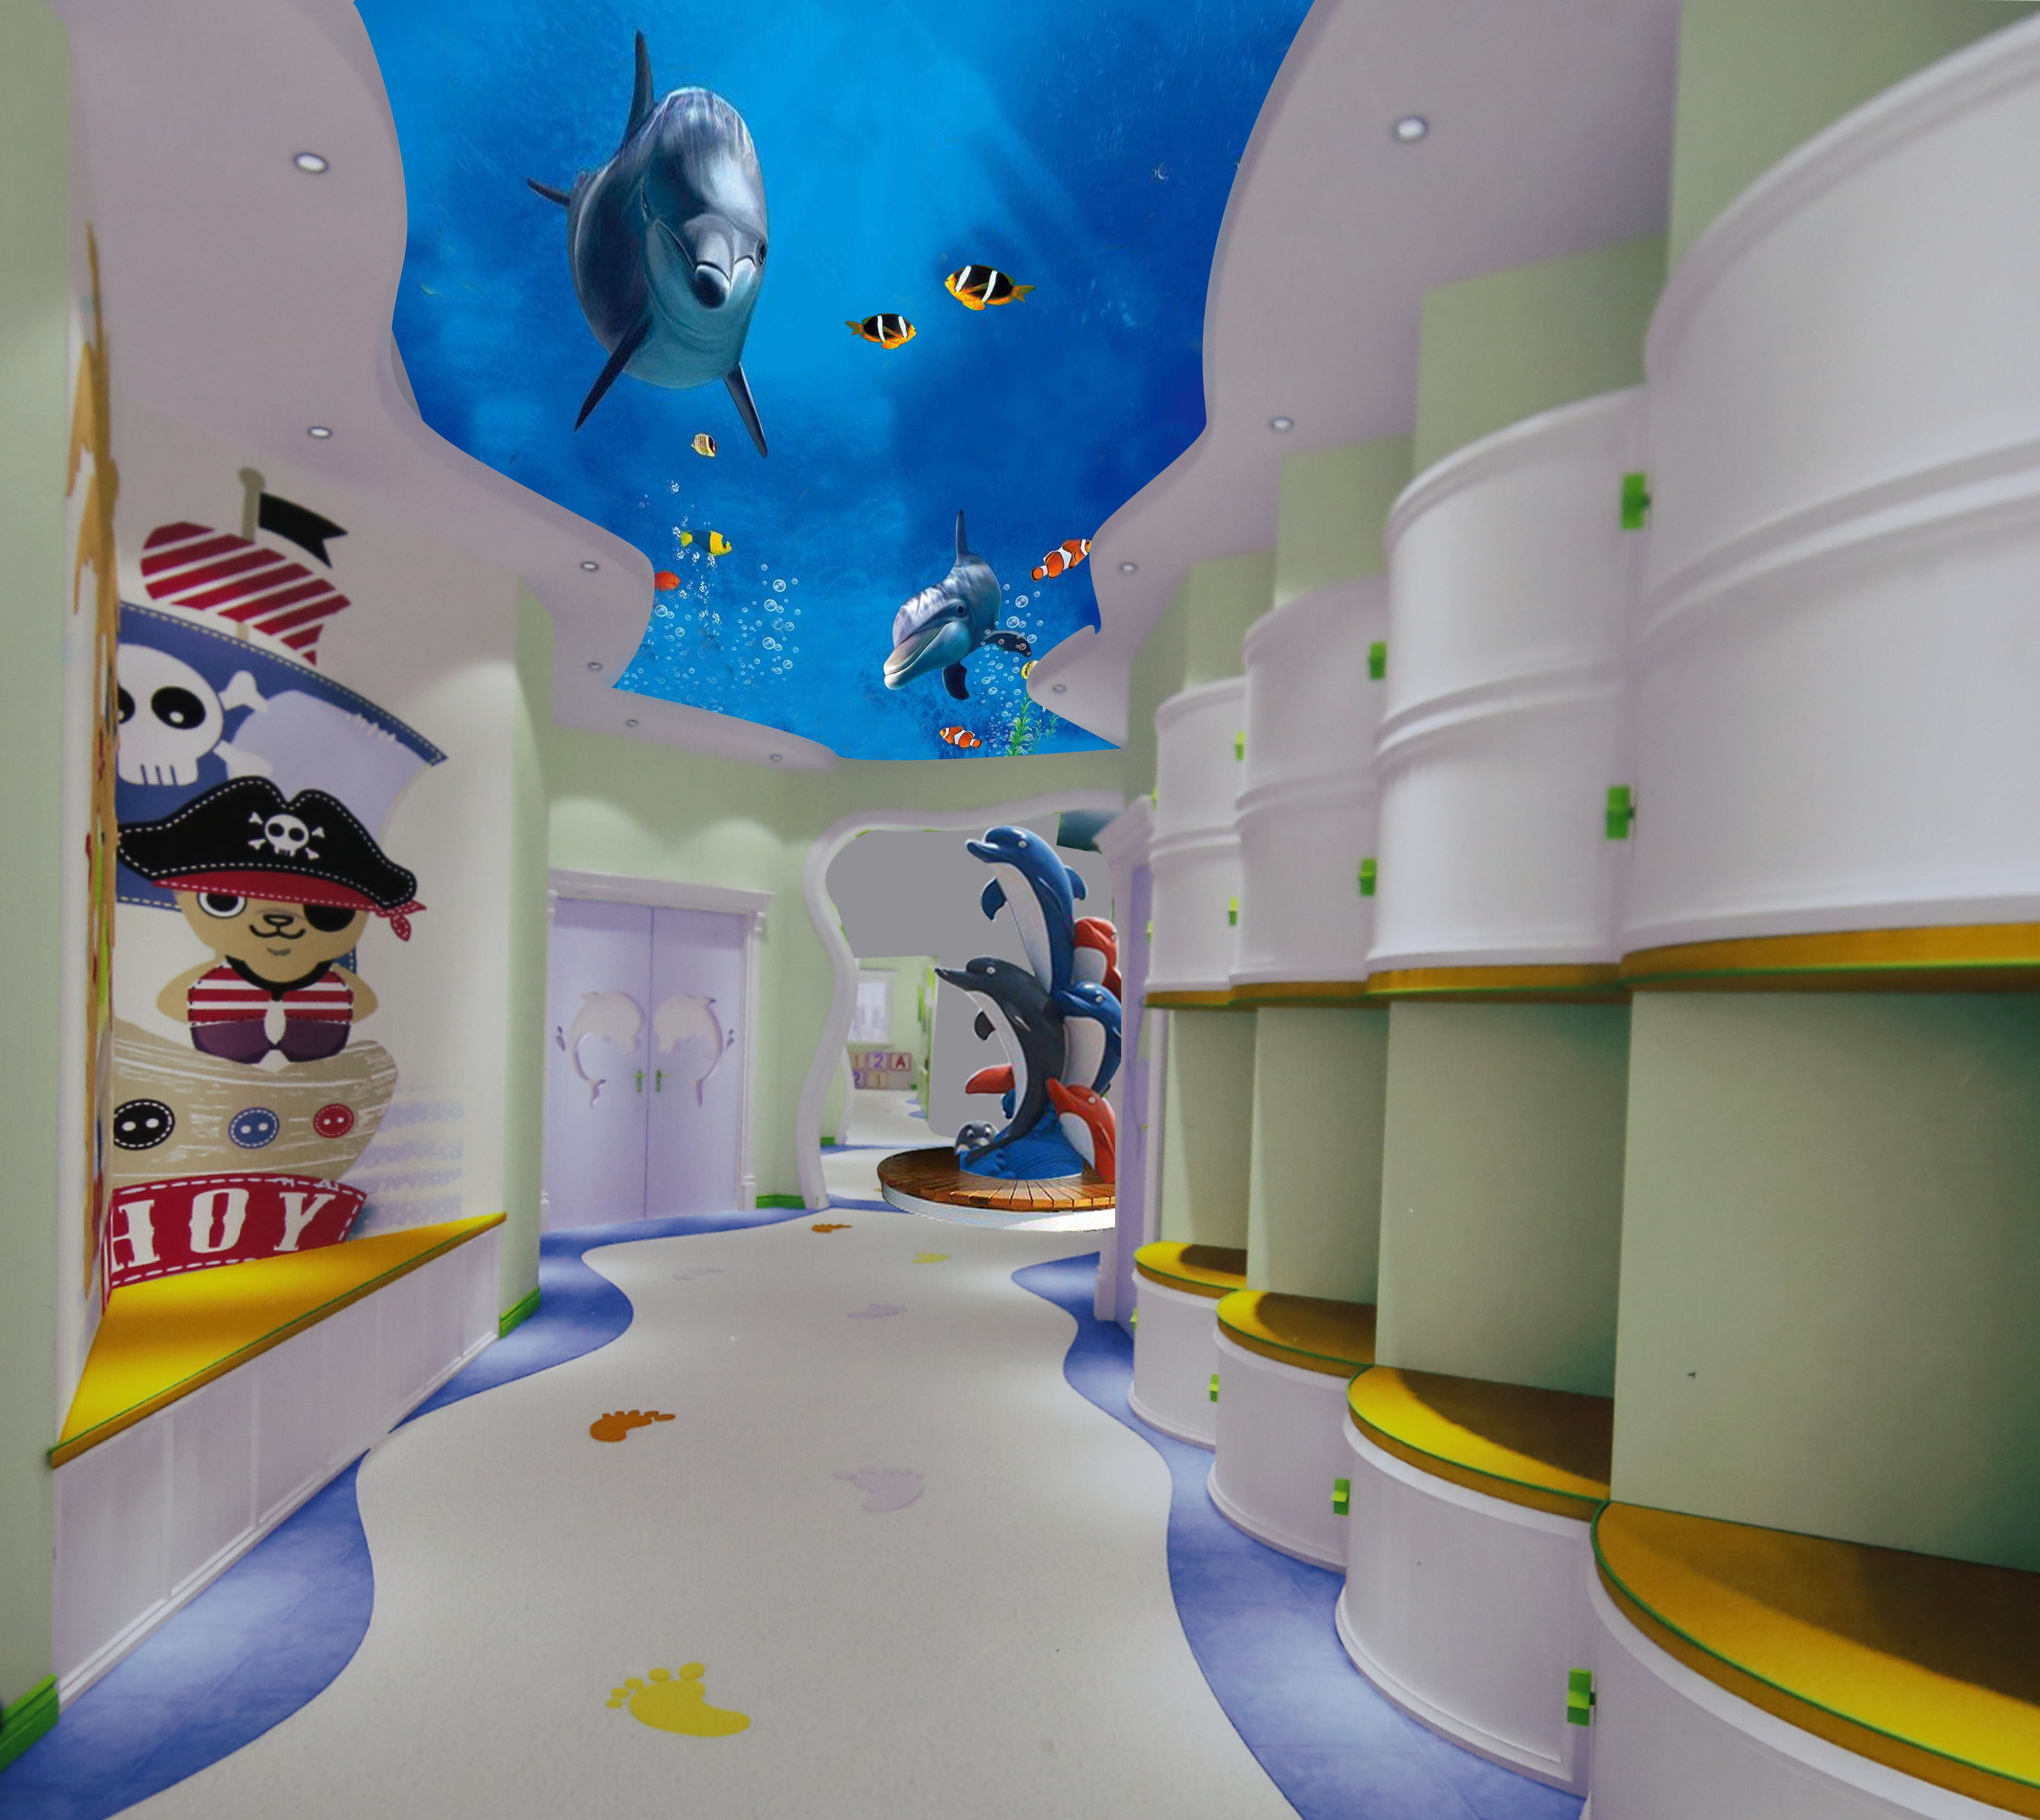 郑州有创意的幼儿园墙体画效果图_专业其他创意设计策划-河南启蒙彩绘艺术有限公司